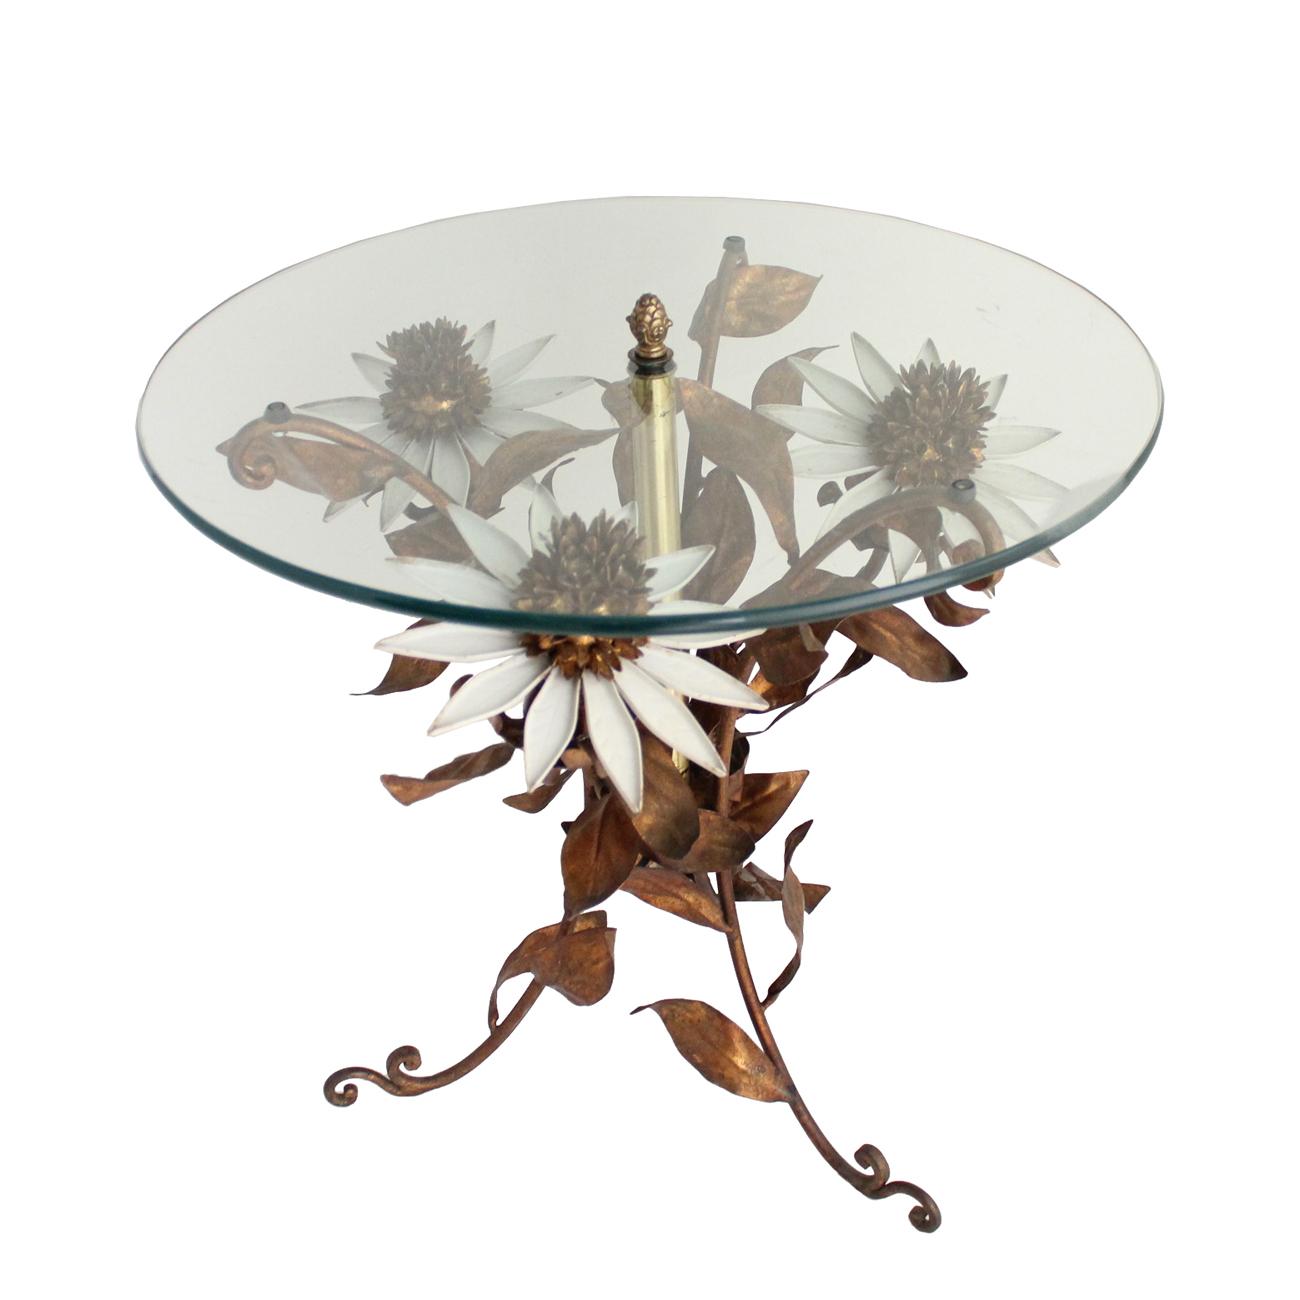 ヴィンテージのサイドテーブル ガラストップ